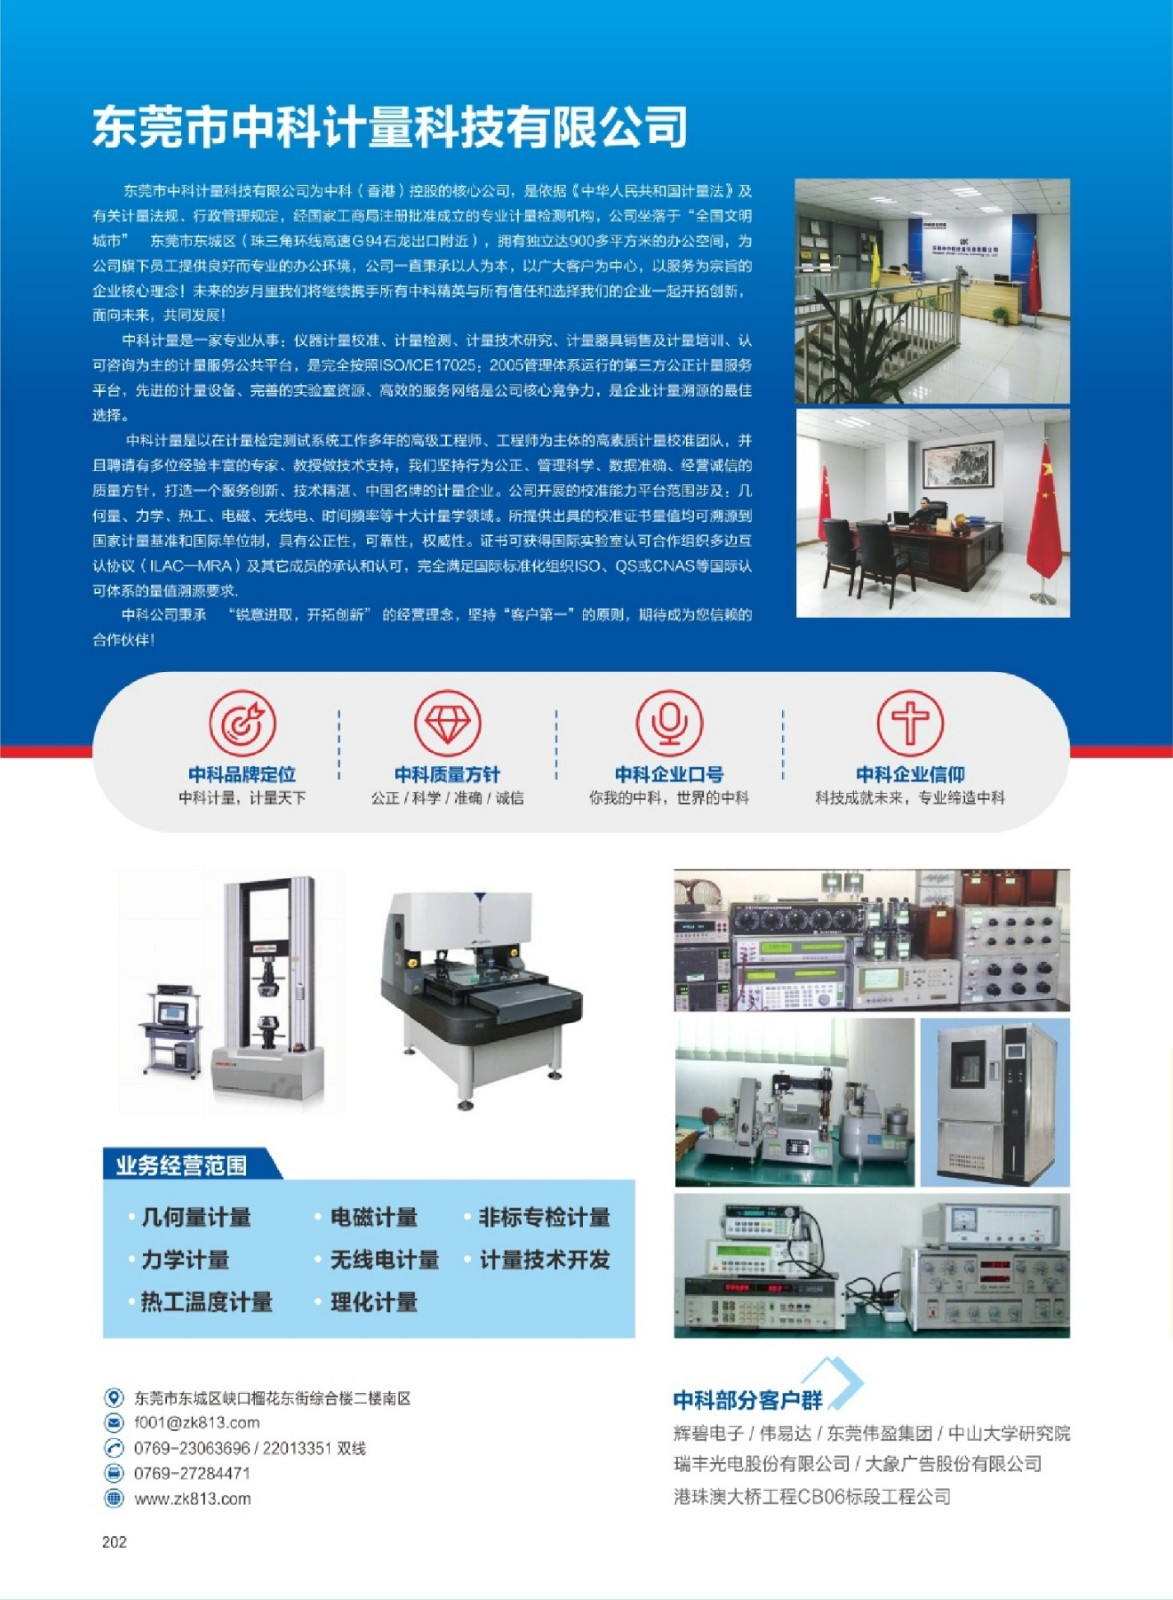 东莞市中科计量科技有限公司